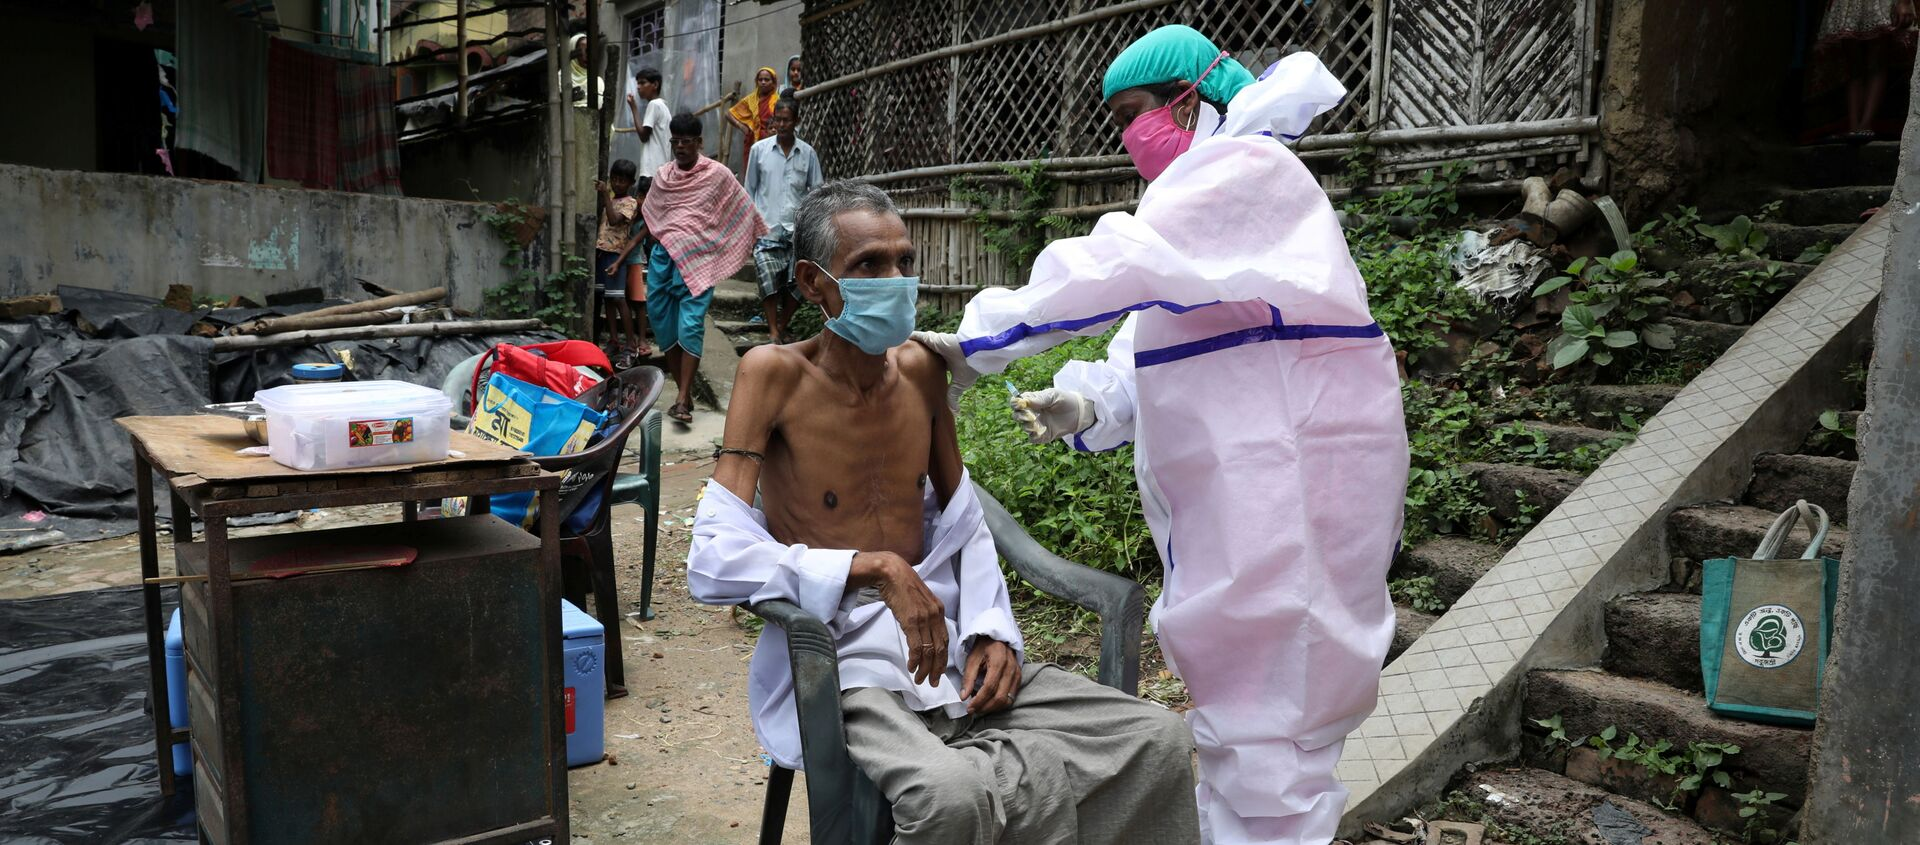 Motiar Rahman, một người dân trong làng, nhận một liều vắc-xin COVISHIELD, vắc-xin phòng bệnh do coronavirus (COVID-19) do Viện Huyết thanh của Ấn Độ sản xuất, trong một đợt tiêm chủng và thử nghiệm tận nhà tại Đảo Uttar Batora ở quận Howrah ở Tây Bengal bang, Ấn Độ, ngày 21 tháng 6 năm 2021. - Sputnik Việt Nam, 1920, 24.06.2021